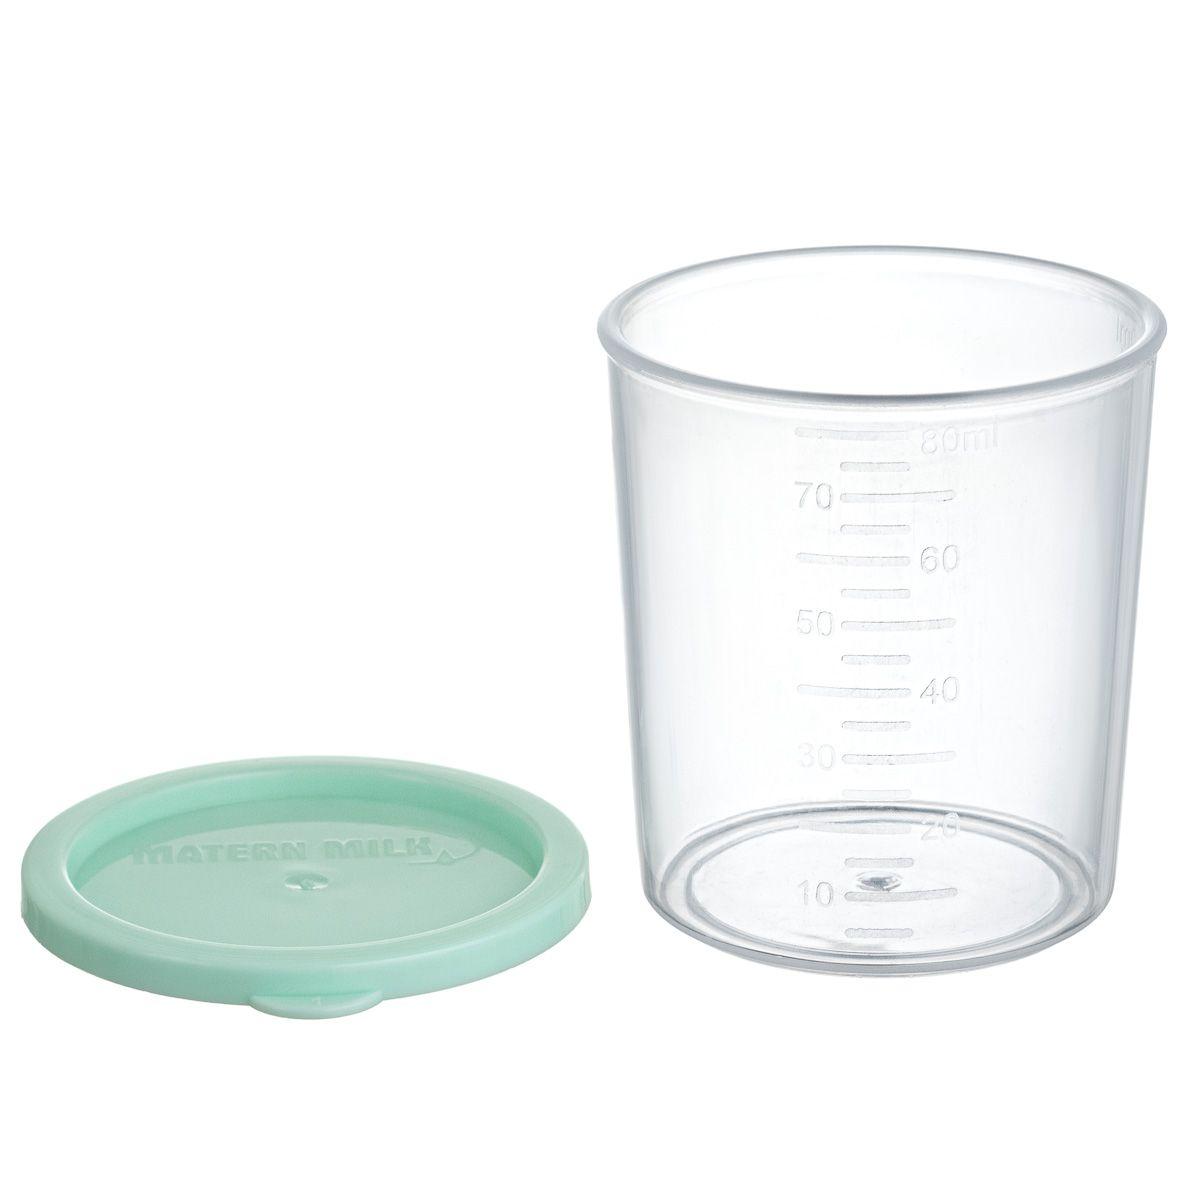 Copo de Aleitamento Materno Verde, 80 ml, (kit com 100 unid. a granel). polipropileno atóxico,graduação de 10 em 10 ml  Matern Milk.